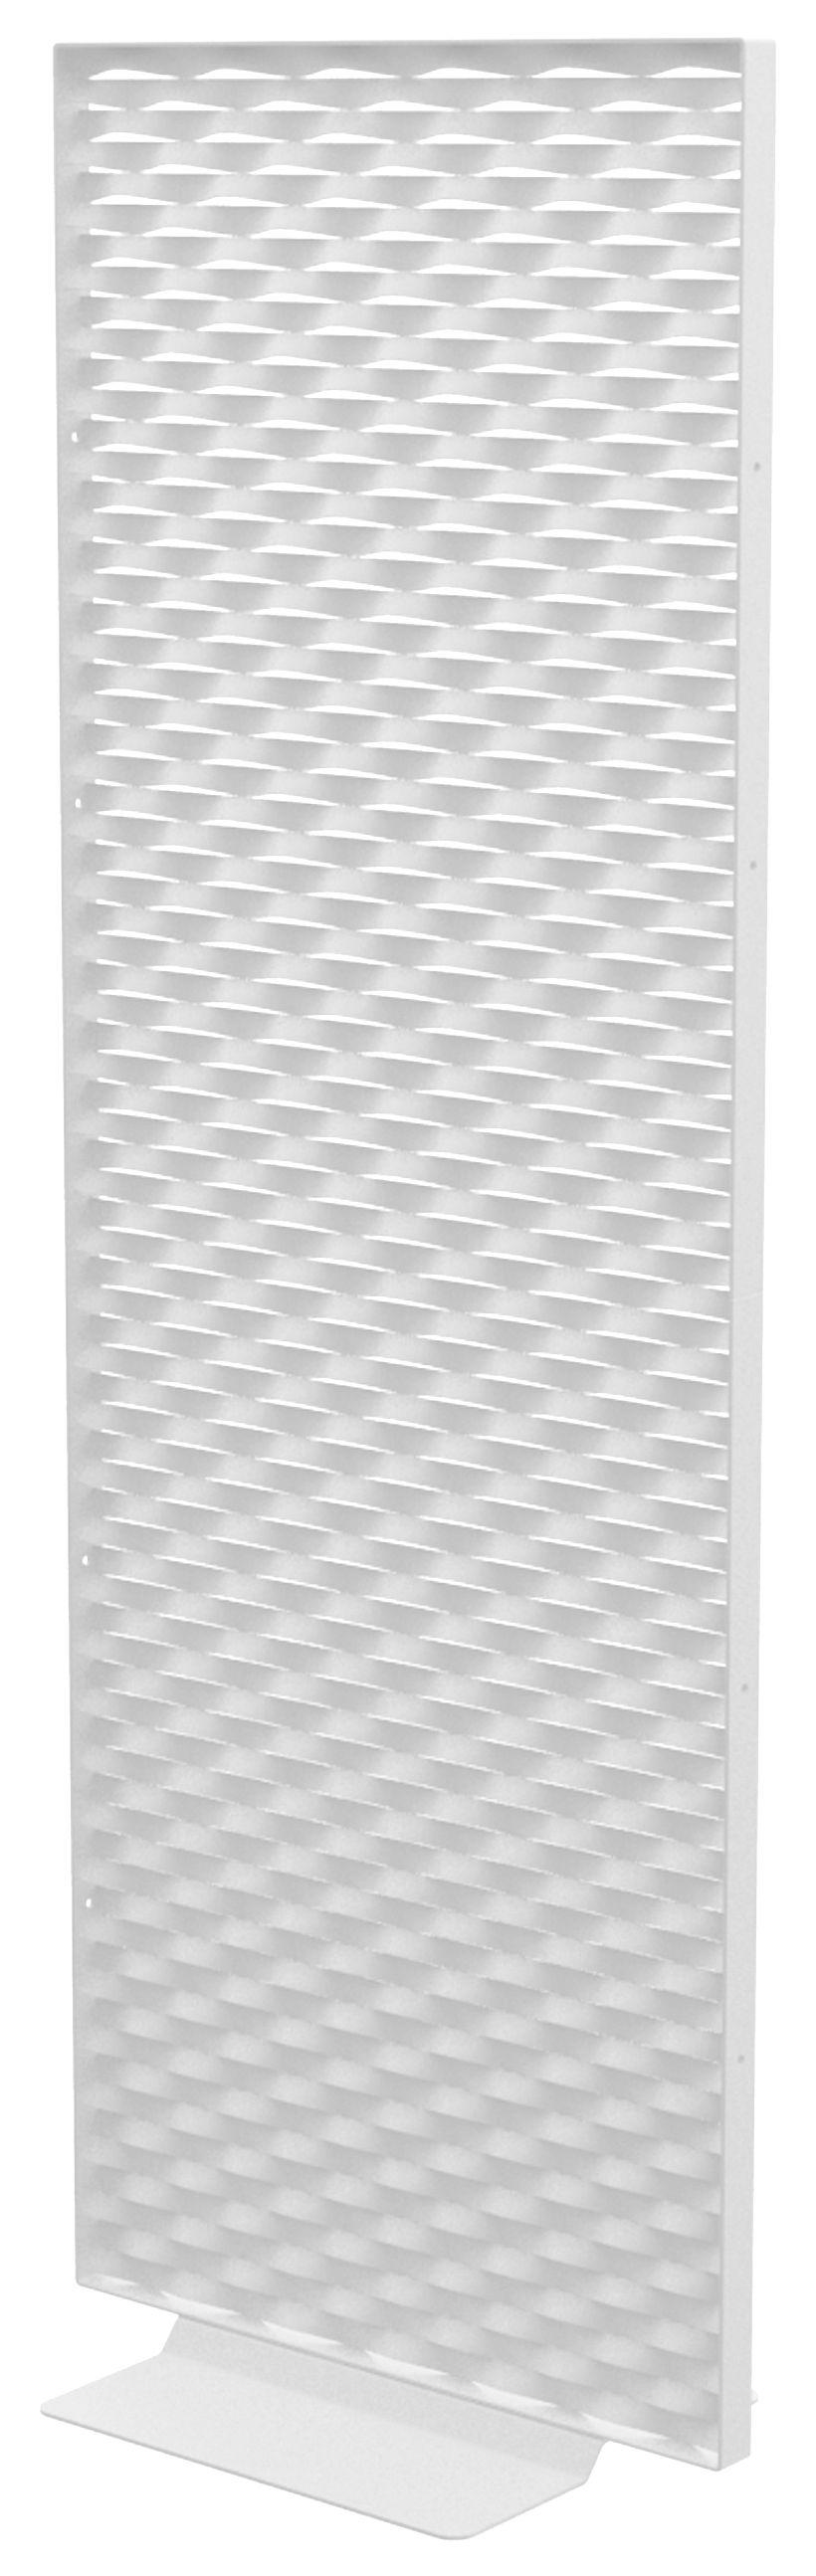 Arredamento - Separè, Paraventi... - Paravento Mistral / L 80 x H 187 cm  - Indoor /Outdoor - Matière Grise - Bianco - alluminio verniciato